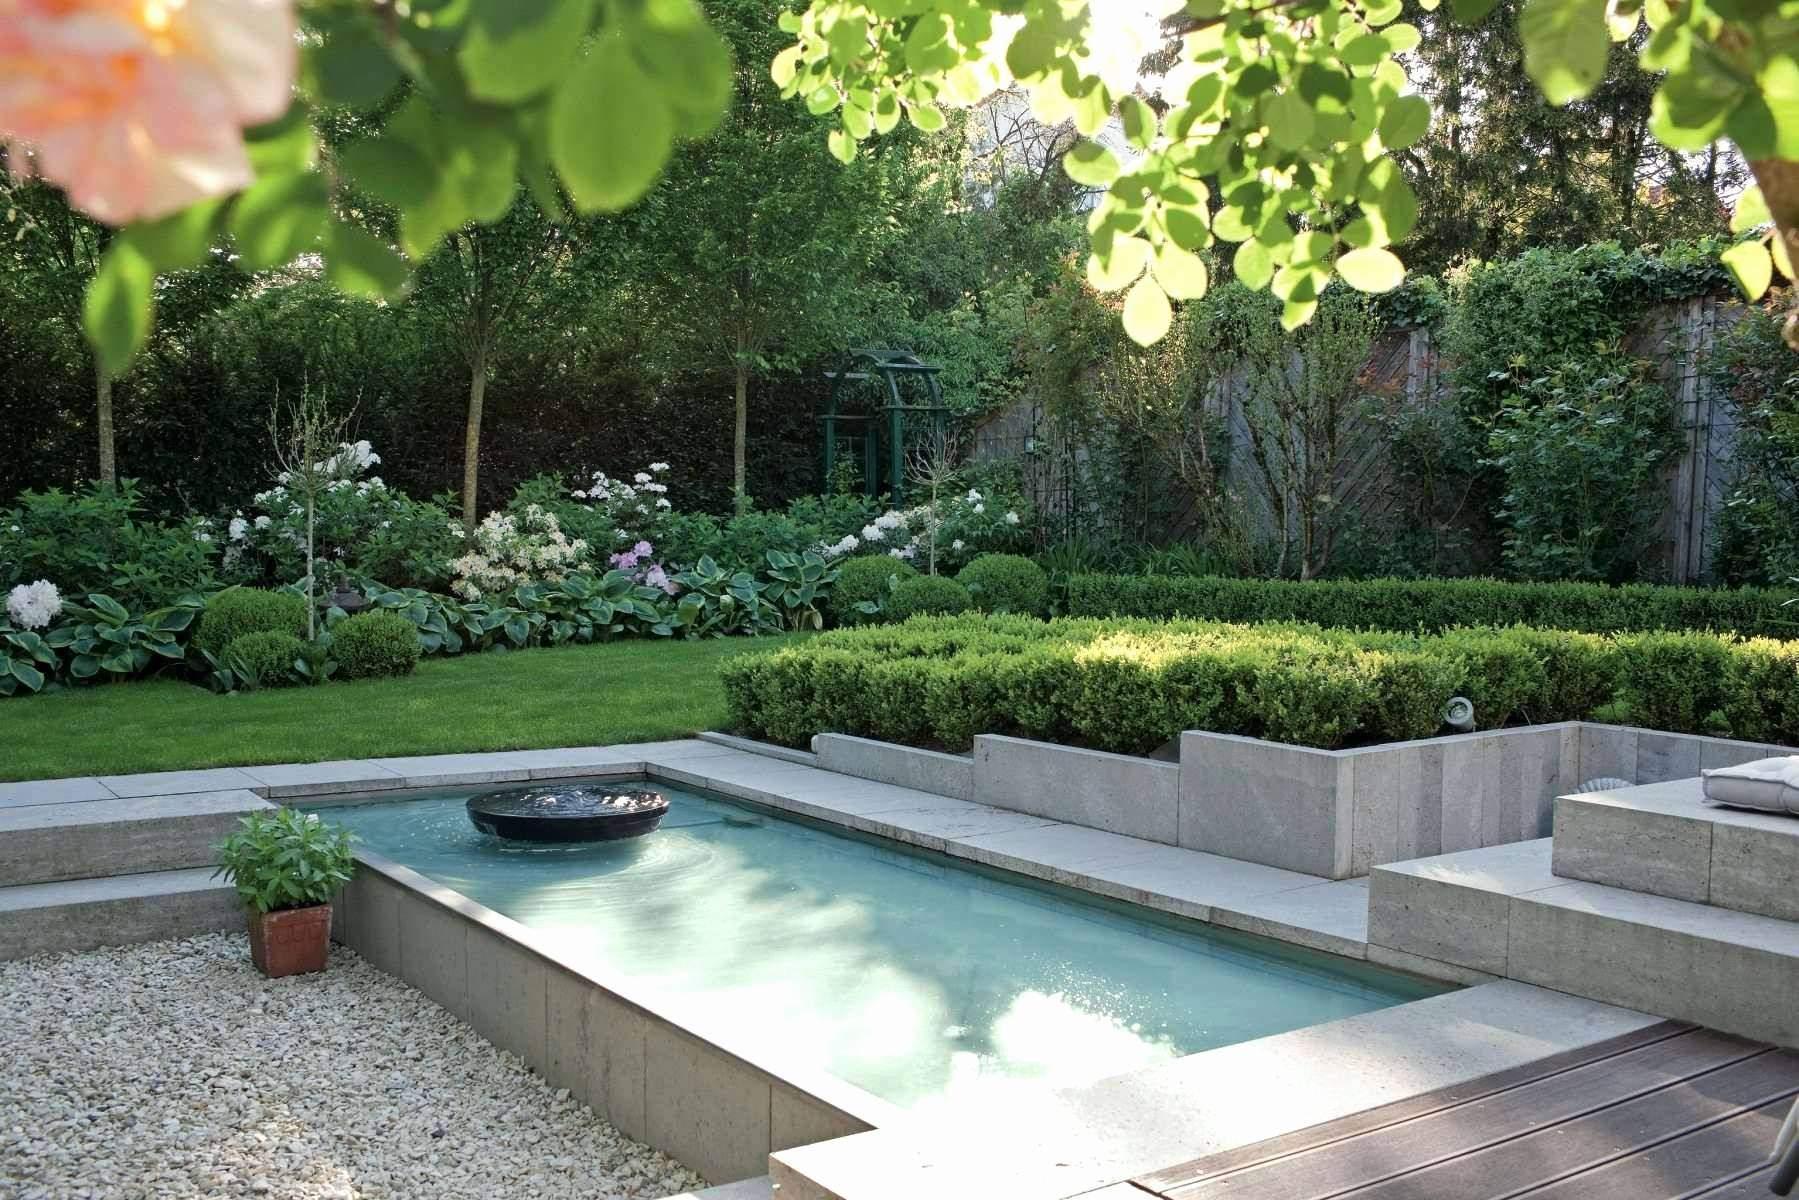 Gartengestaltung Ideen Mit Steinen Neu 31 Inspirierend Garten Beispiele Reizend